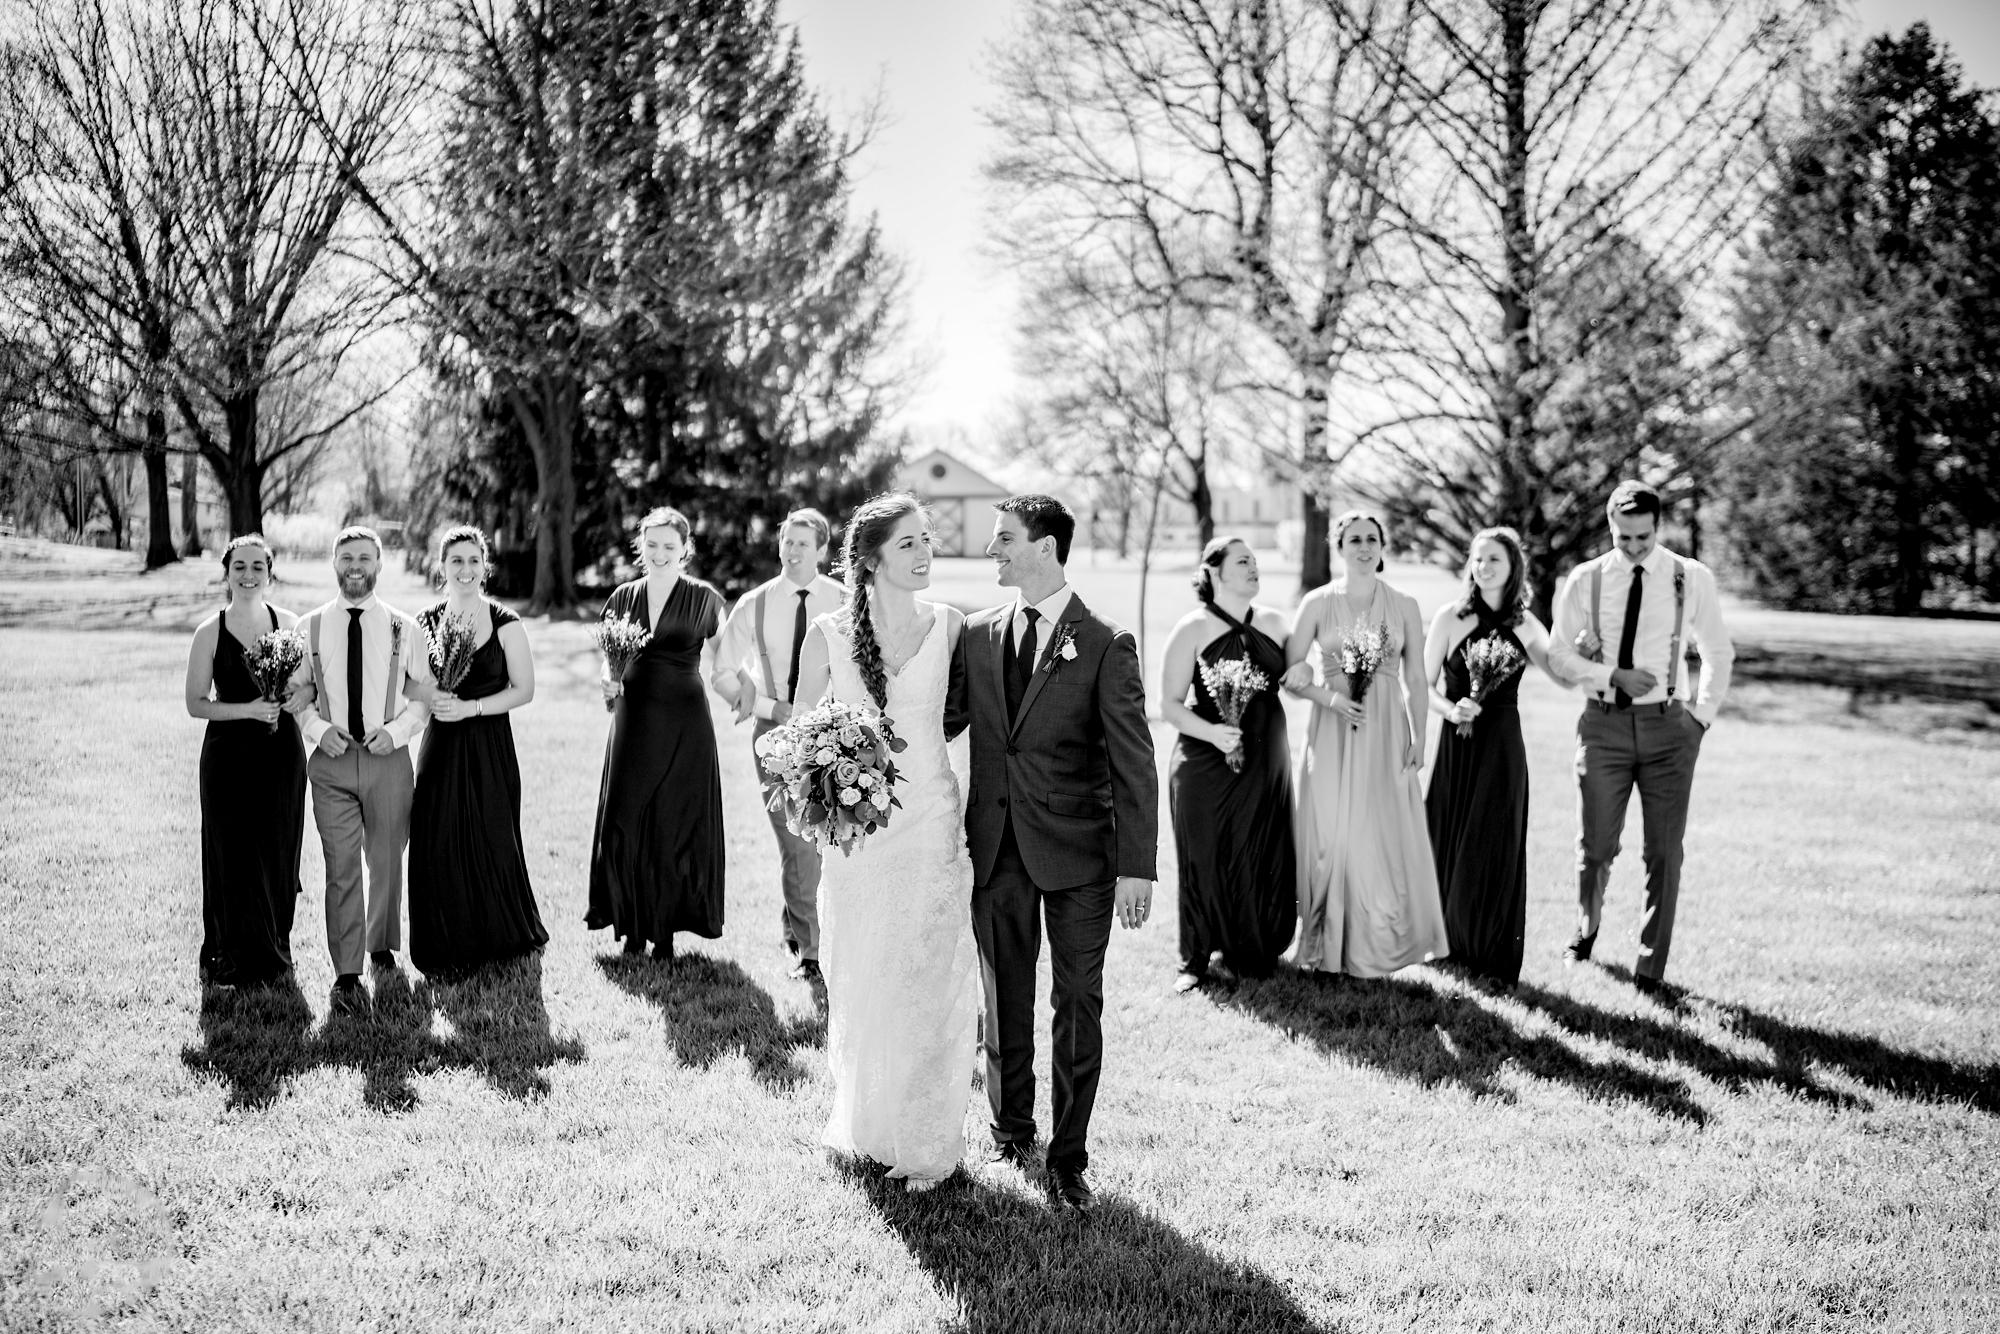 Polen-Farm-Wedding-Photos-35.jpg